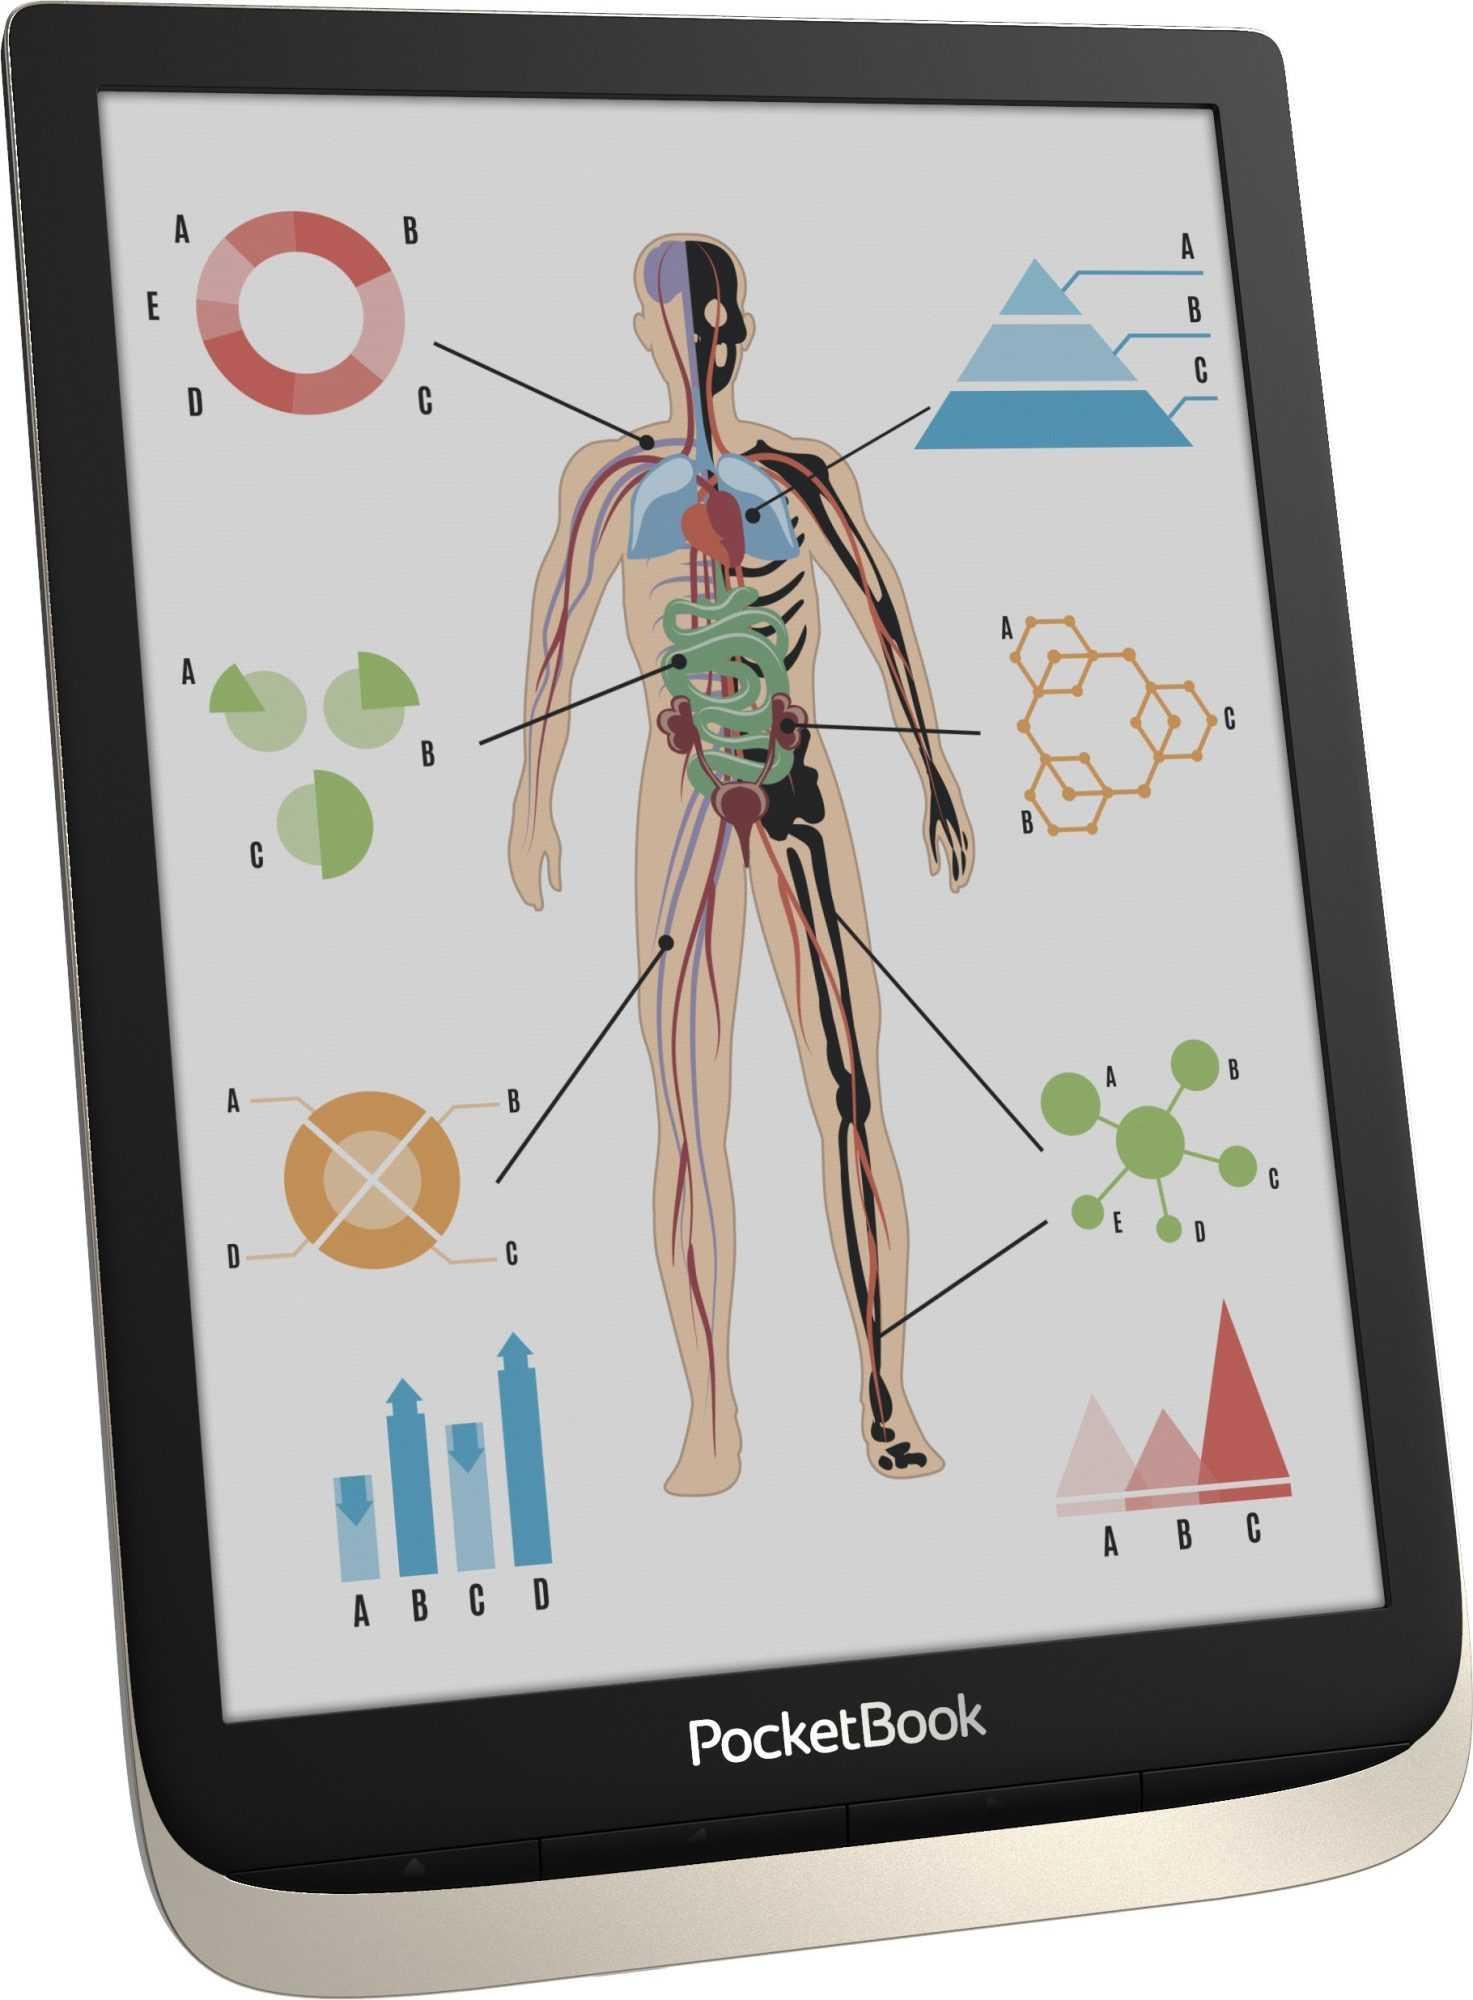 PocketBook InkPad Color: arriva il nuovo e-reader a colori